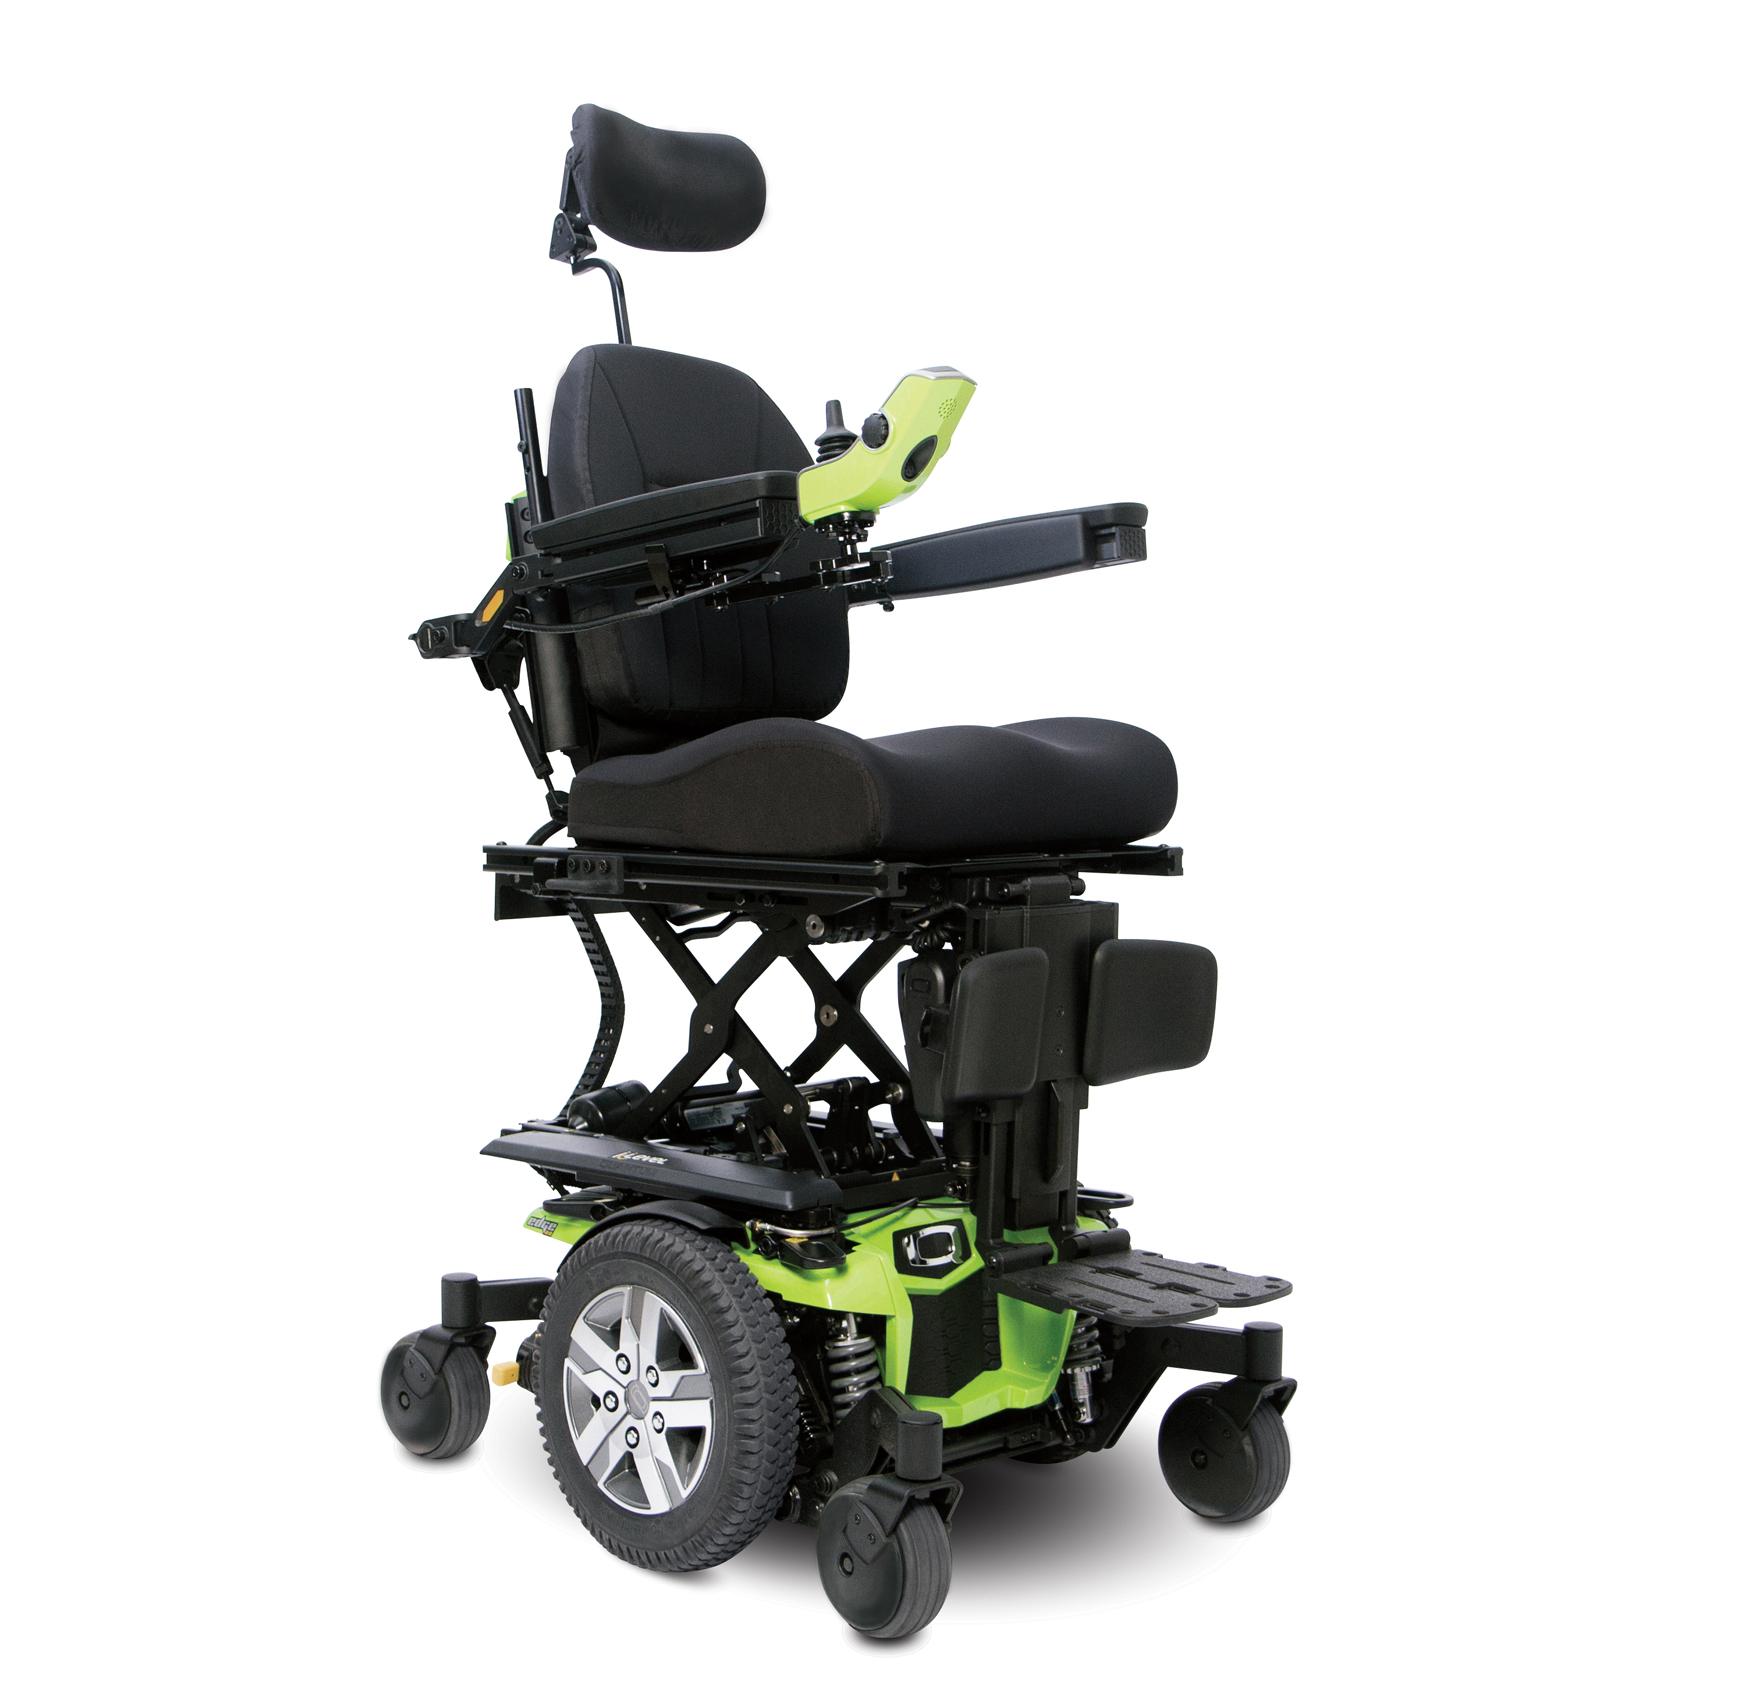 Quantum Q6 Edge 2.0 Power Wheelchair